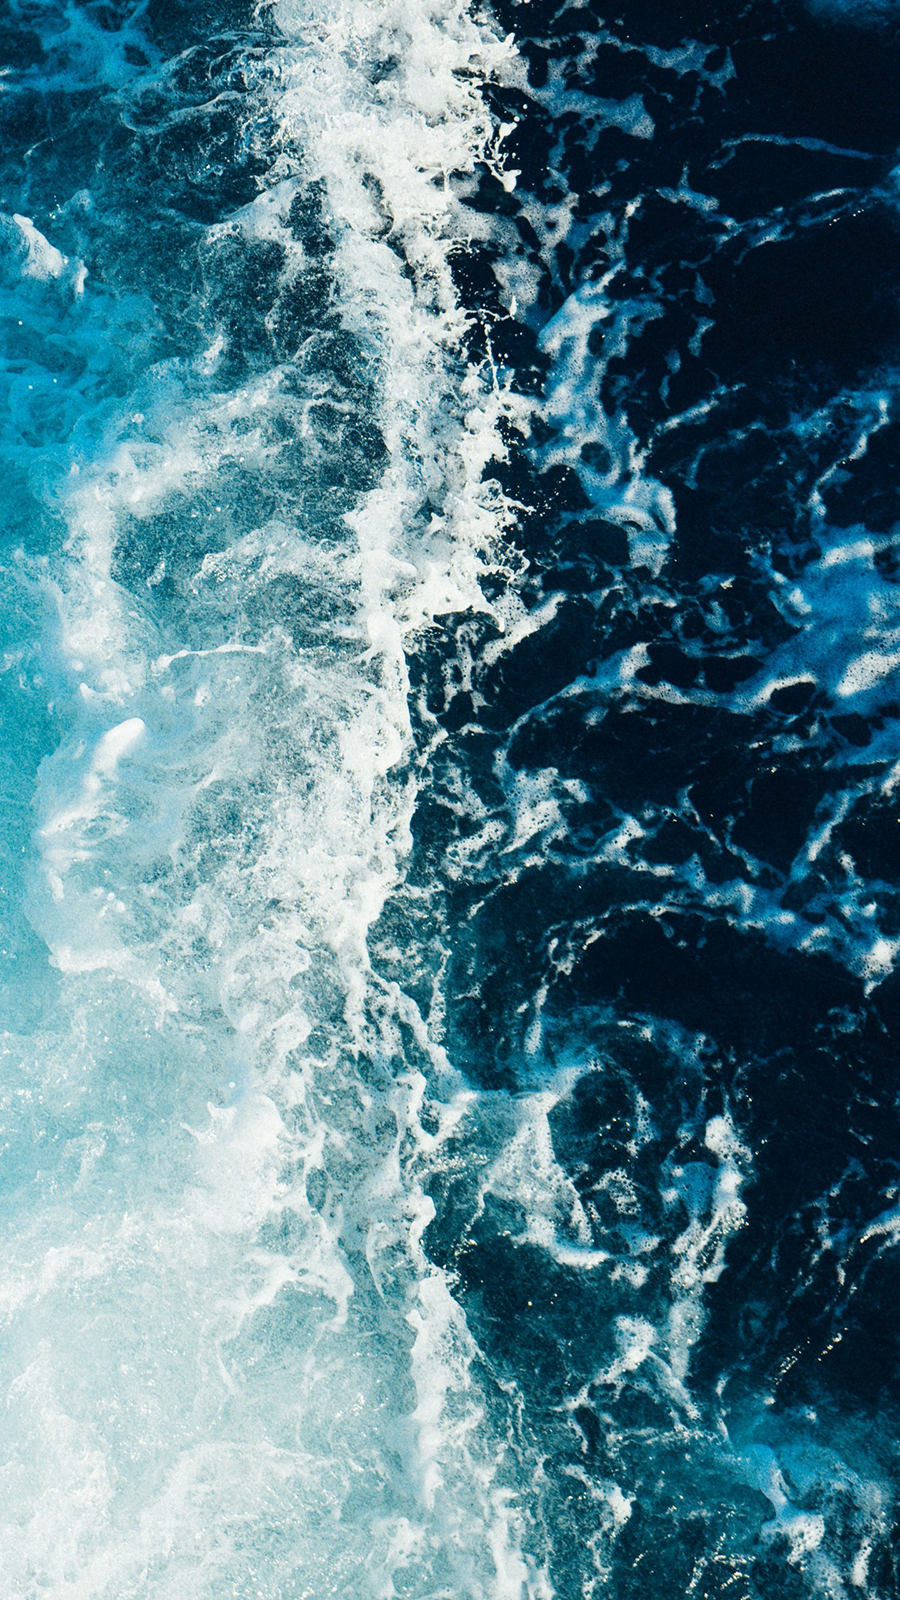 Sea Foam Surf Wallpapers Free Download